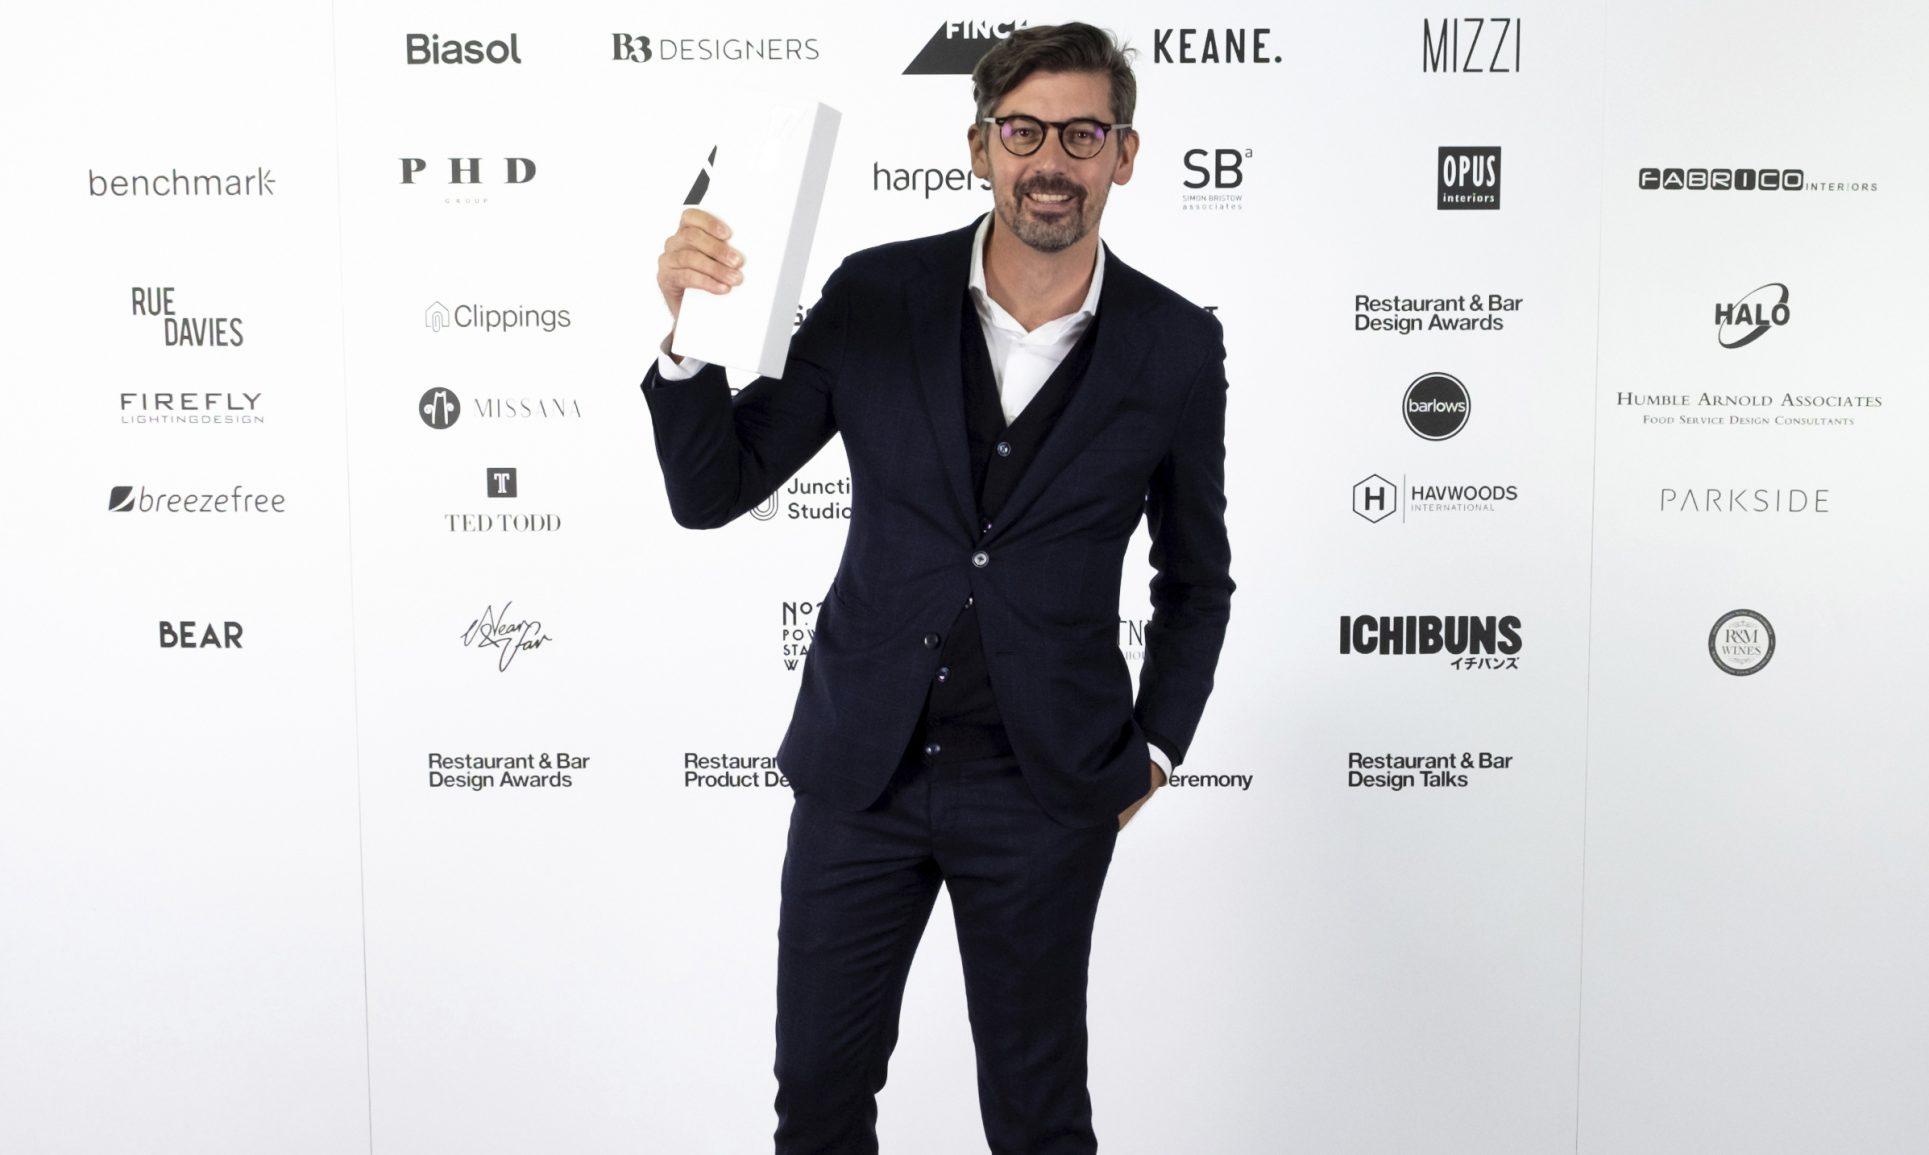 José M. Ferrero crea los mejores asientos de la restauración El Periòdic d'Ontinyent - Noticies a Ontinyent